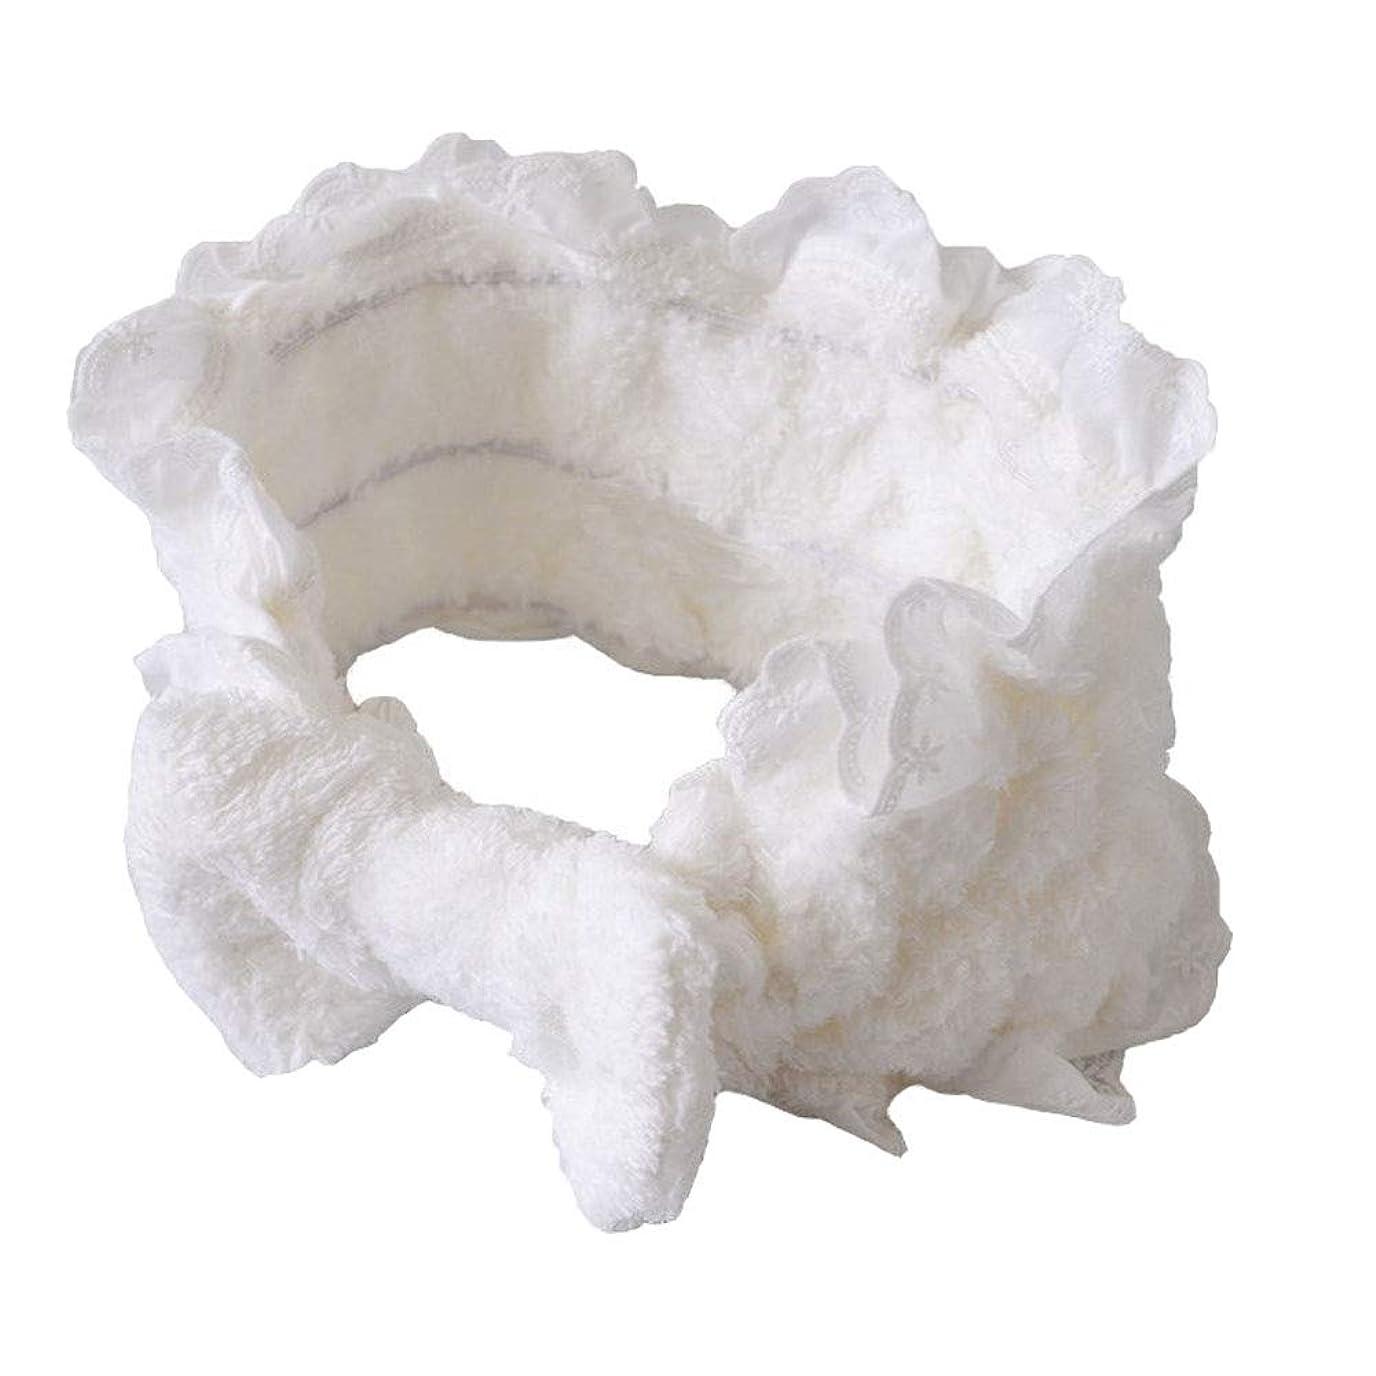 不誠実雪だるま火shefun ヘアバンド レディース 洗顔 お風呂 化粧 ヘアーバンド 柔らかい かわいい 吸水ヘアバンド 伸縮性あり ホワイト JP127